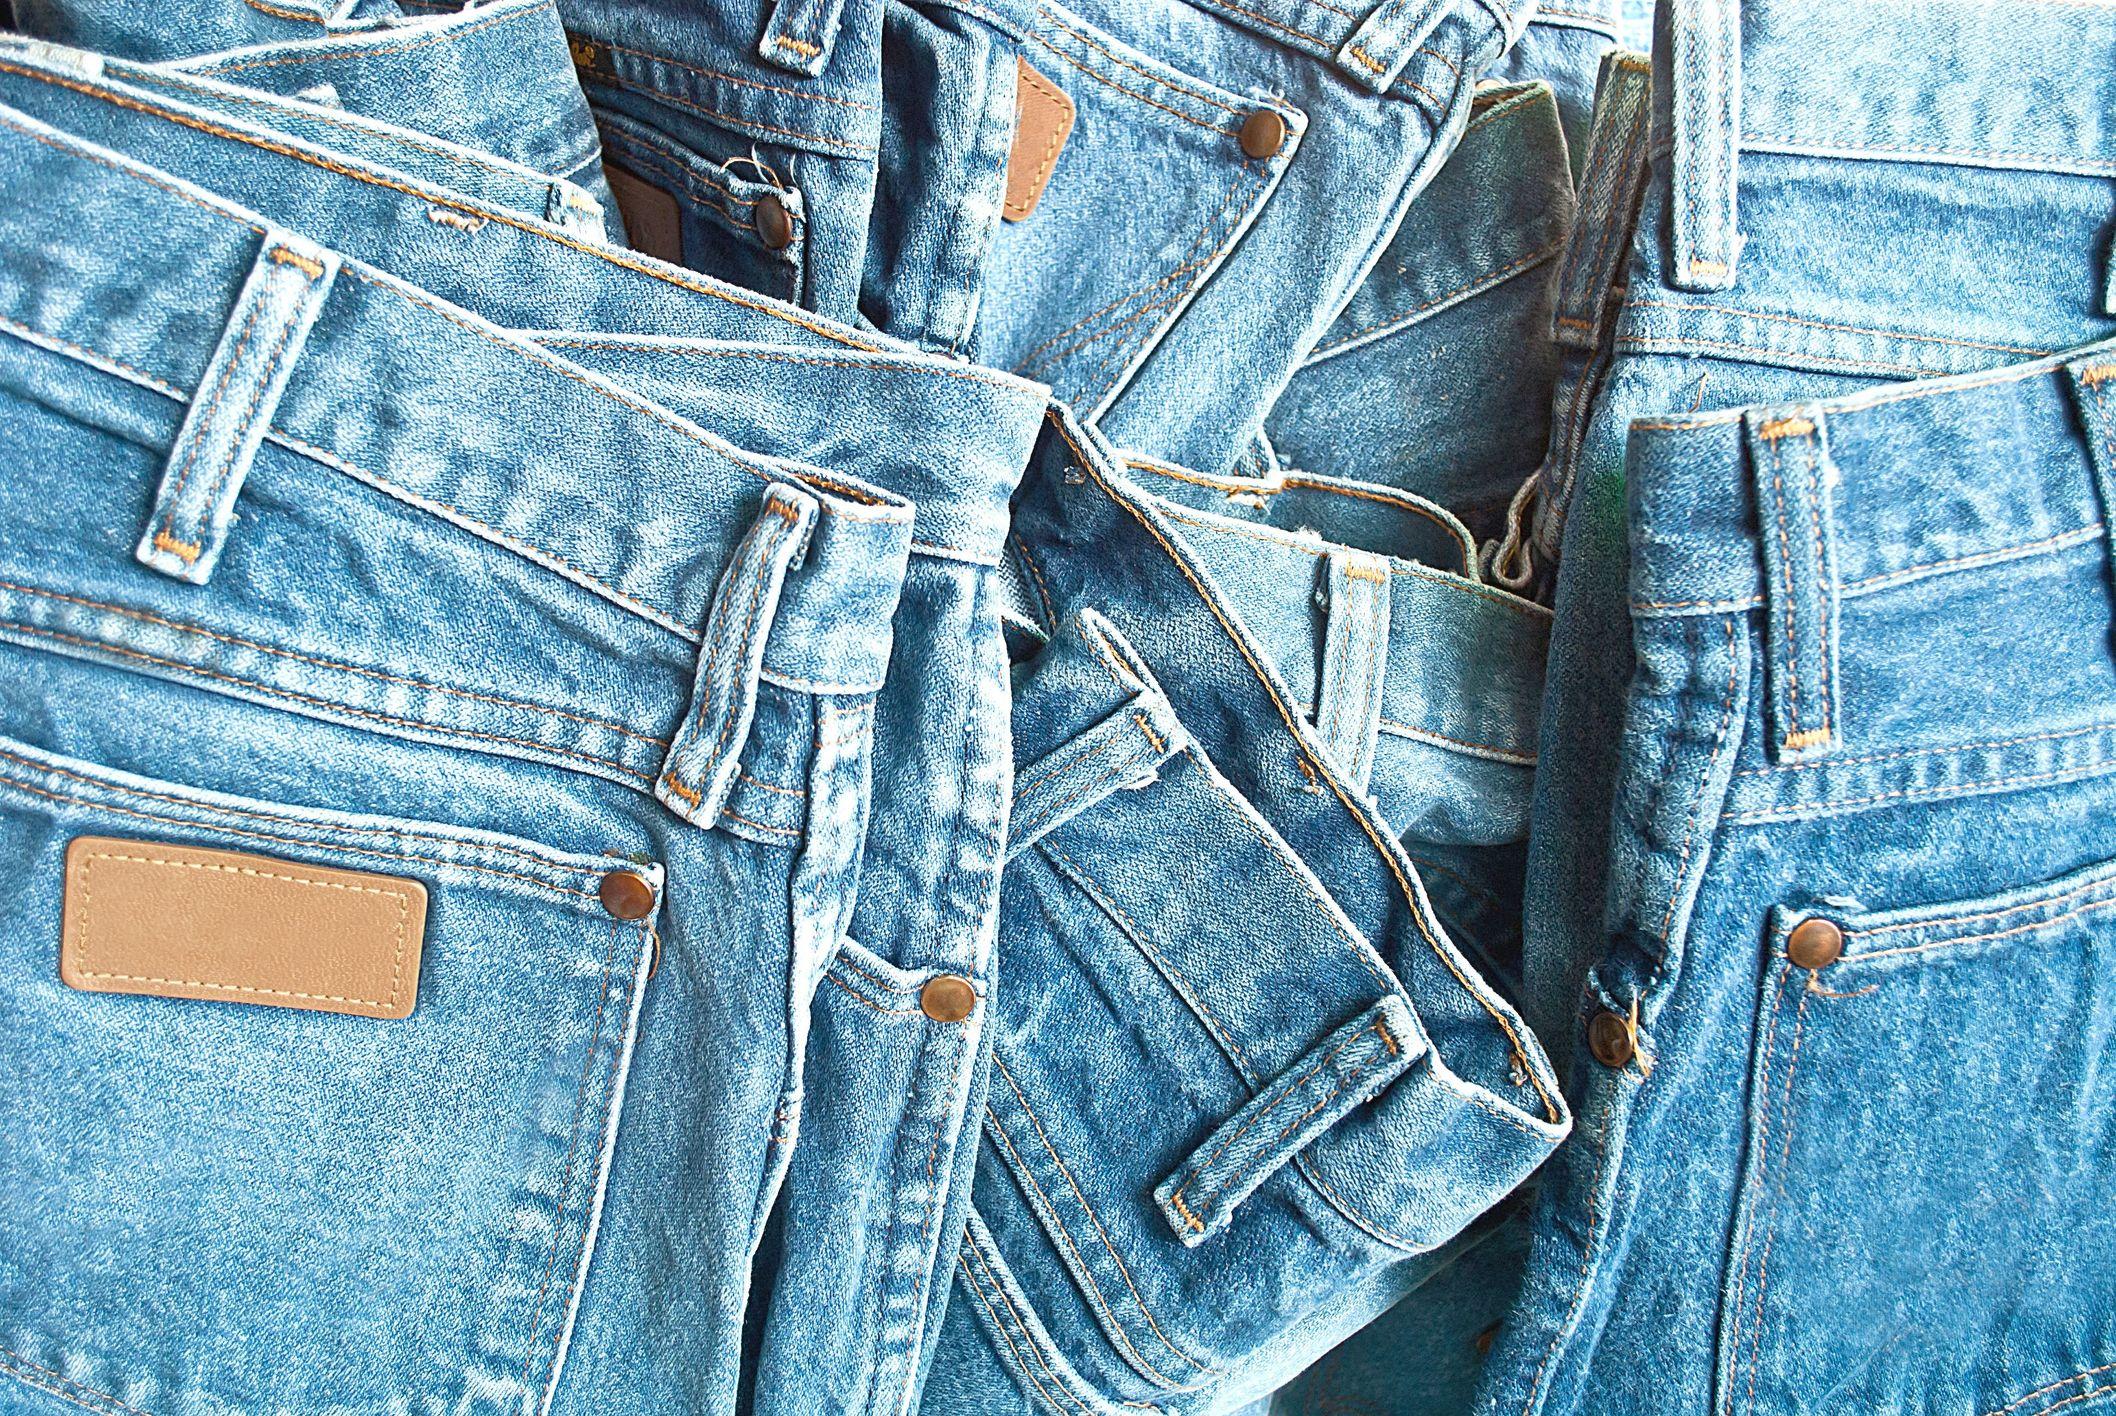 Dit zijn de mooiste denim trends inclusief de mooiste jeans